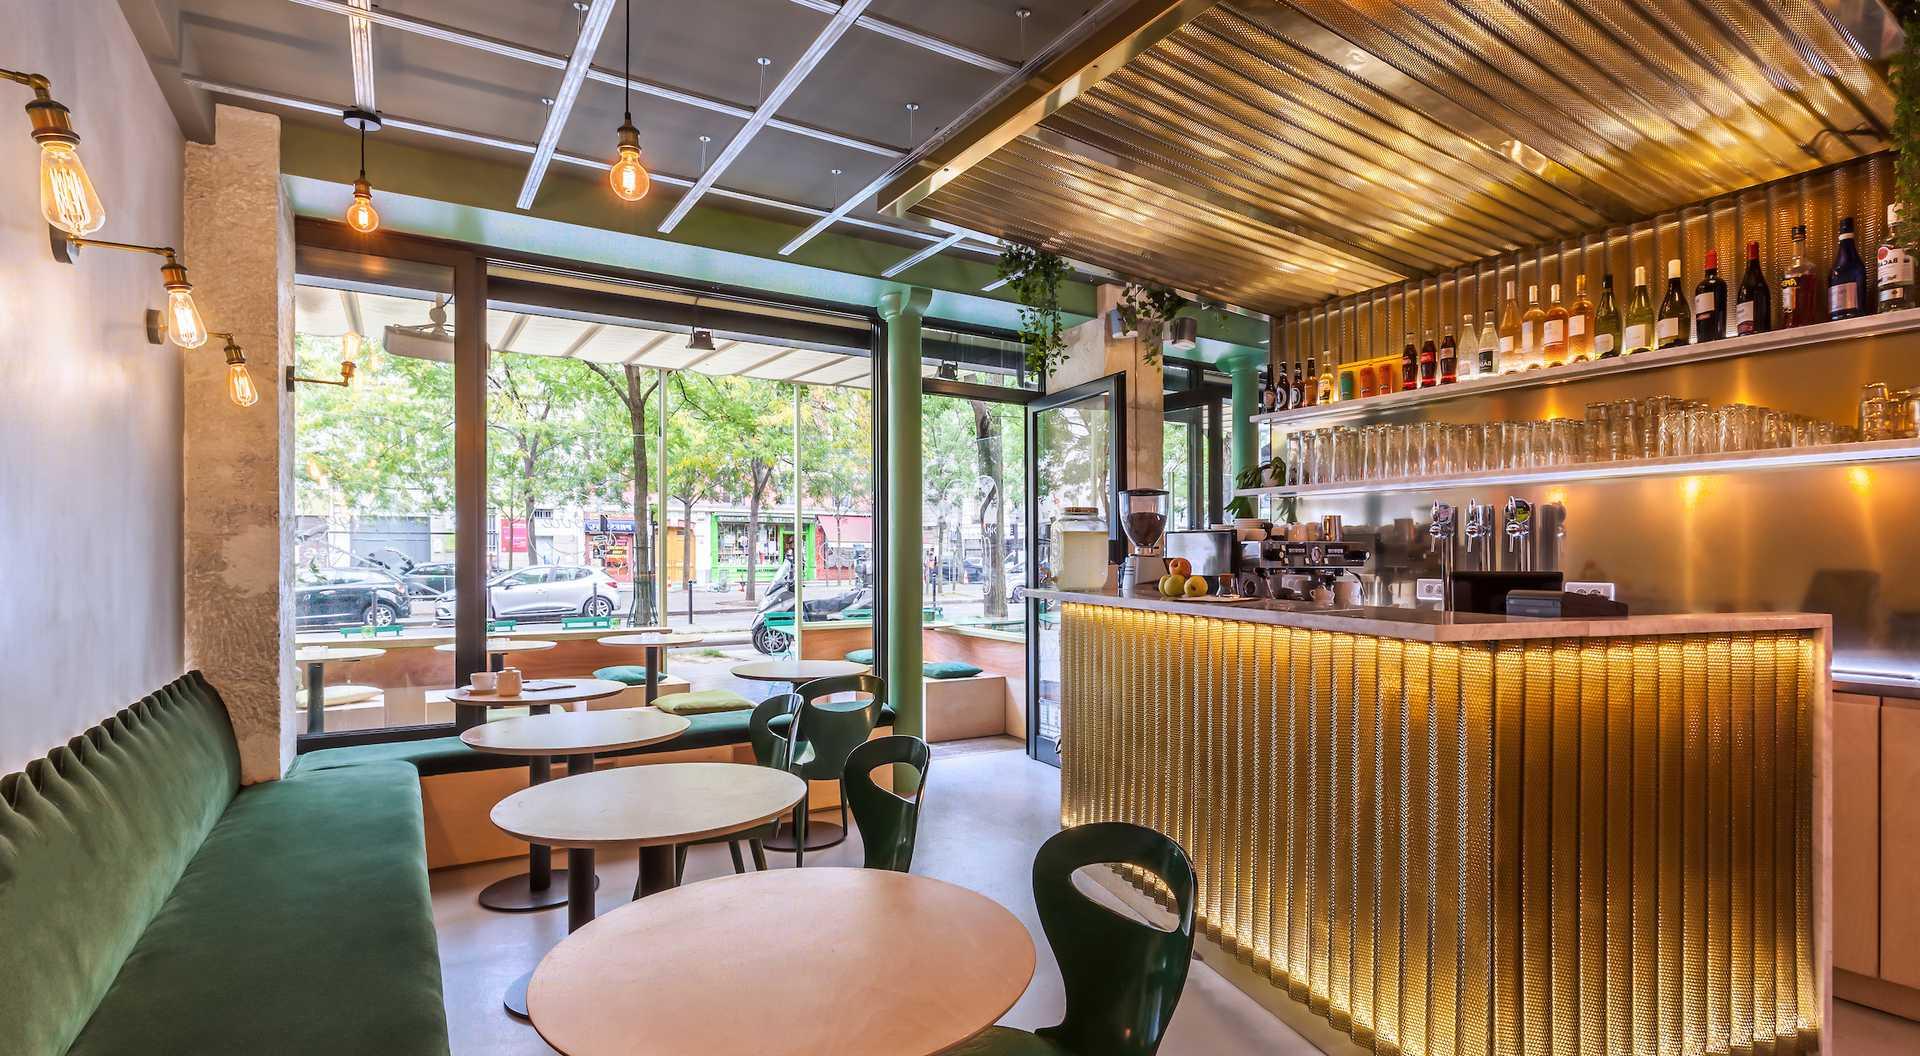 Entreprise D Architecture Lyon architecture commerciale à lyon : aménagement boutique